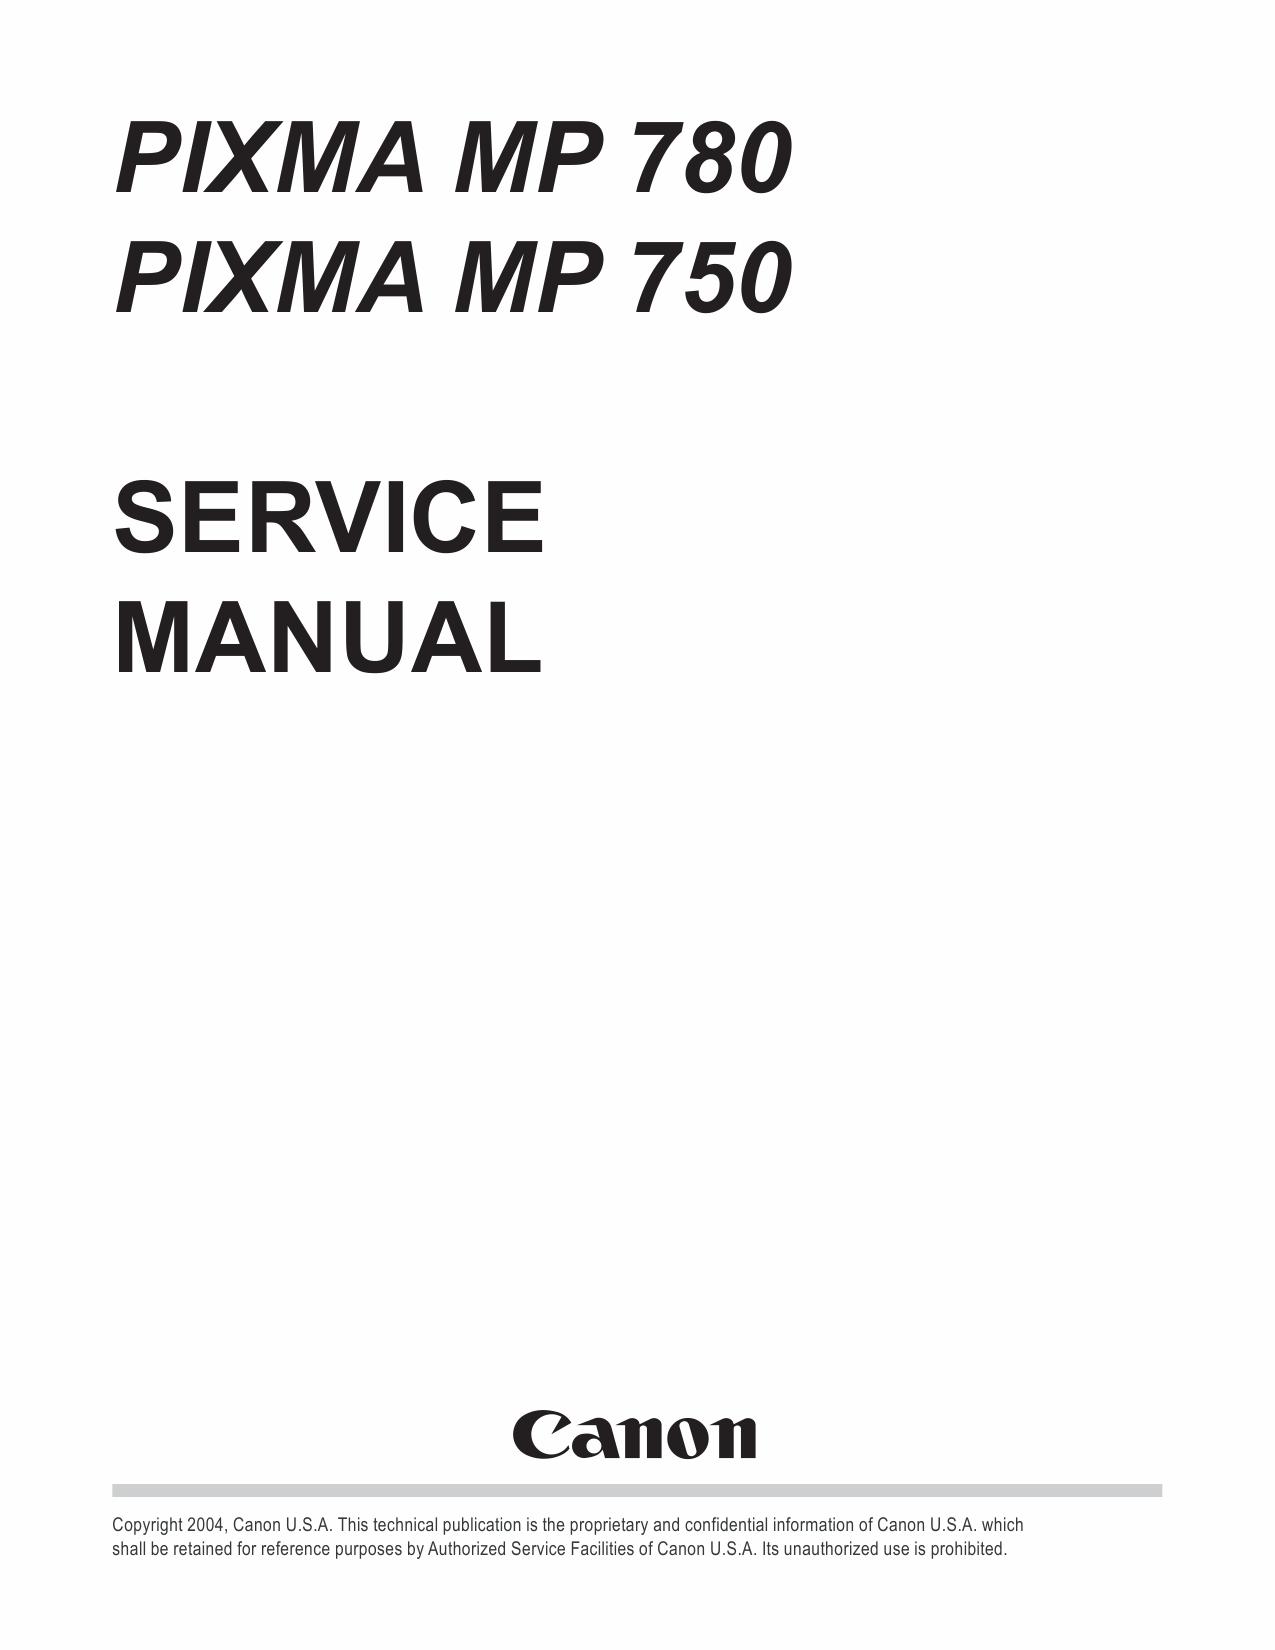 Canon mv690, mv700, mv700i, mv730i and mv750i digital video camera.